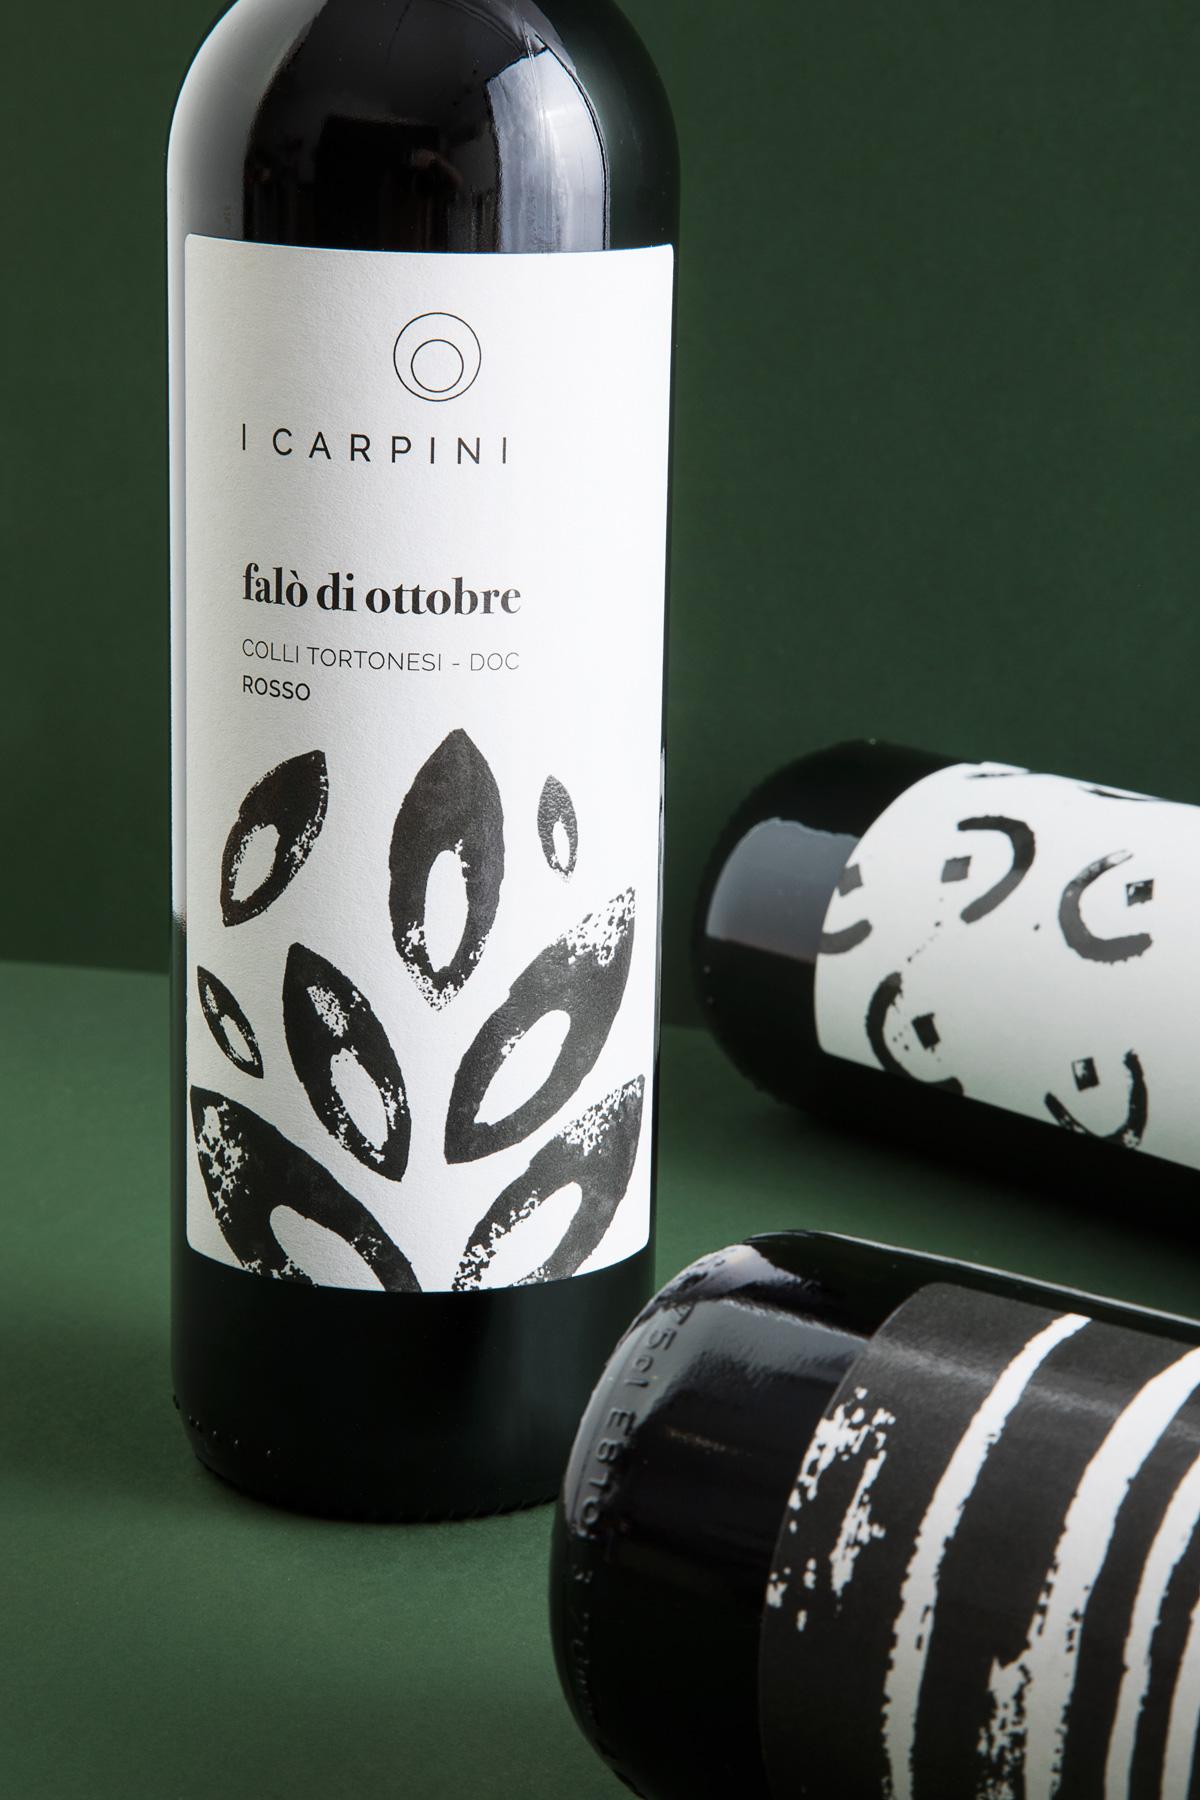 FALò_DI_OTTOBRE_Barbera_i_carpini_wine_packaging_design_wine_design_drogheria_studio_ROSSO_BASSA